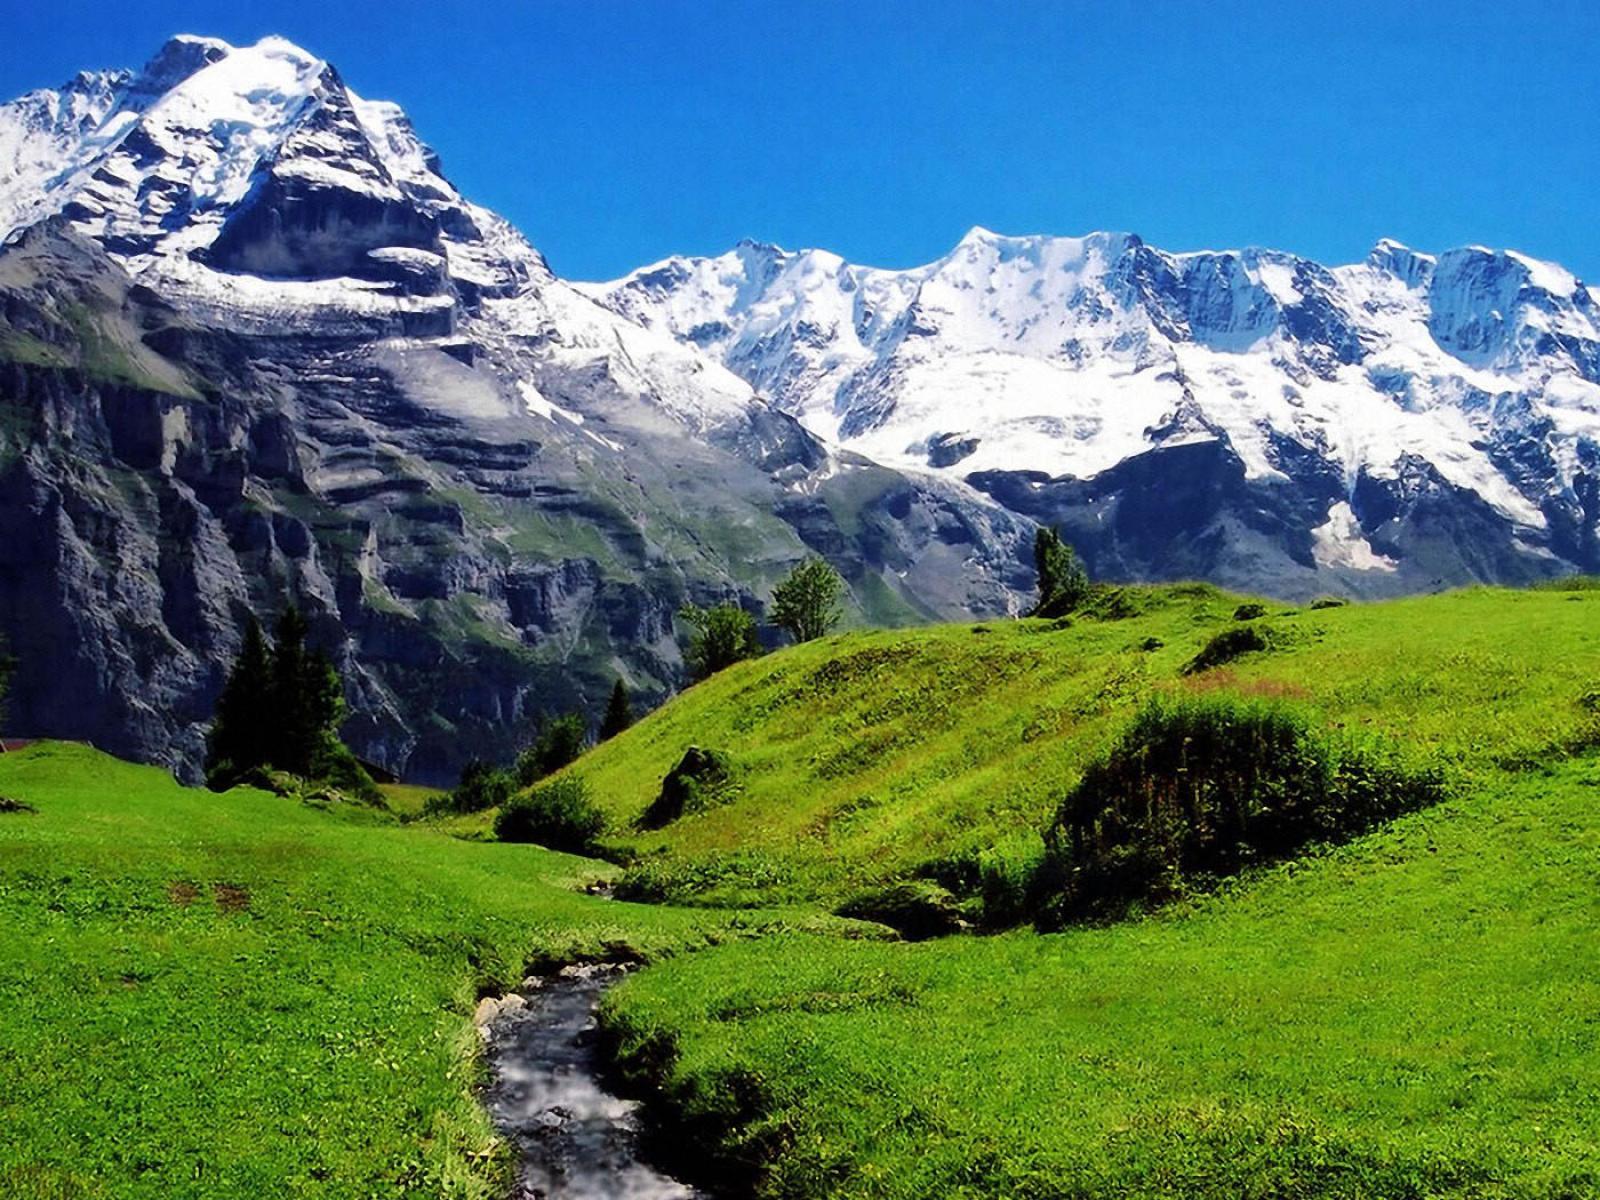 Alps Mountain, Liechtenstein